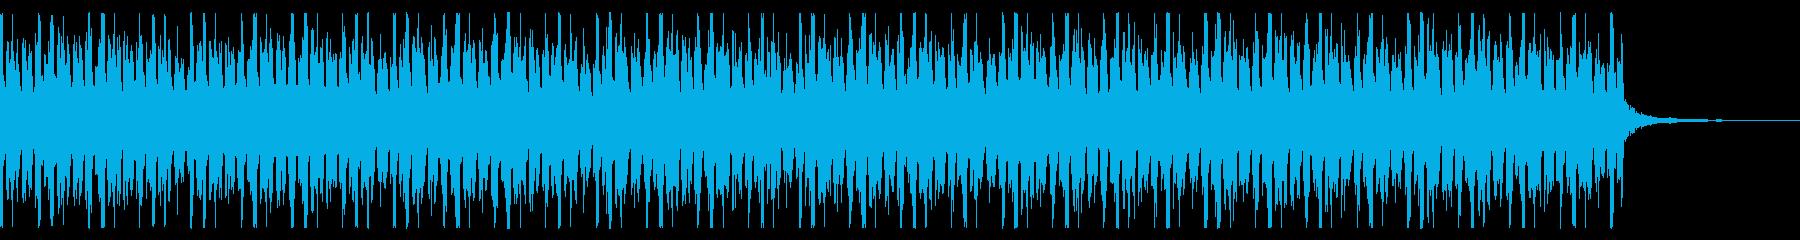 落ち着いた雰囲気のテクノの再生済みの波形